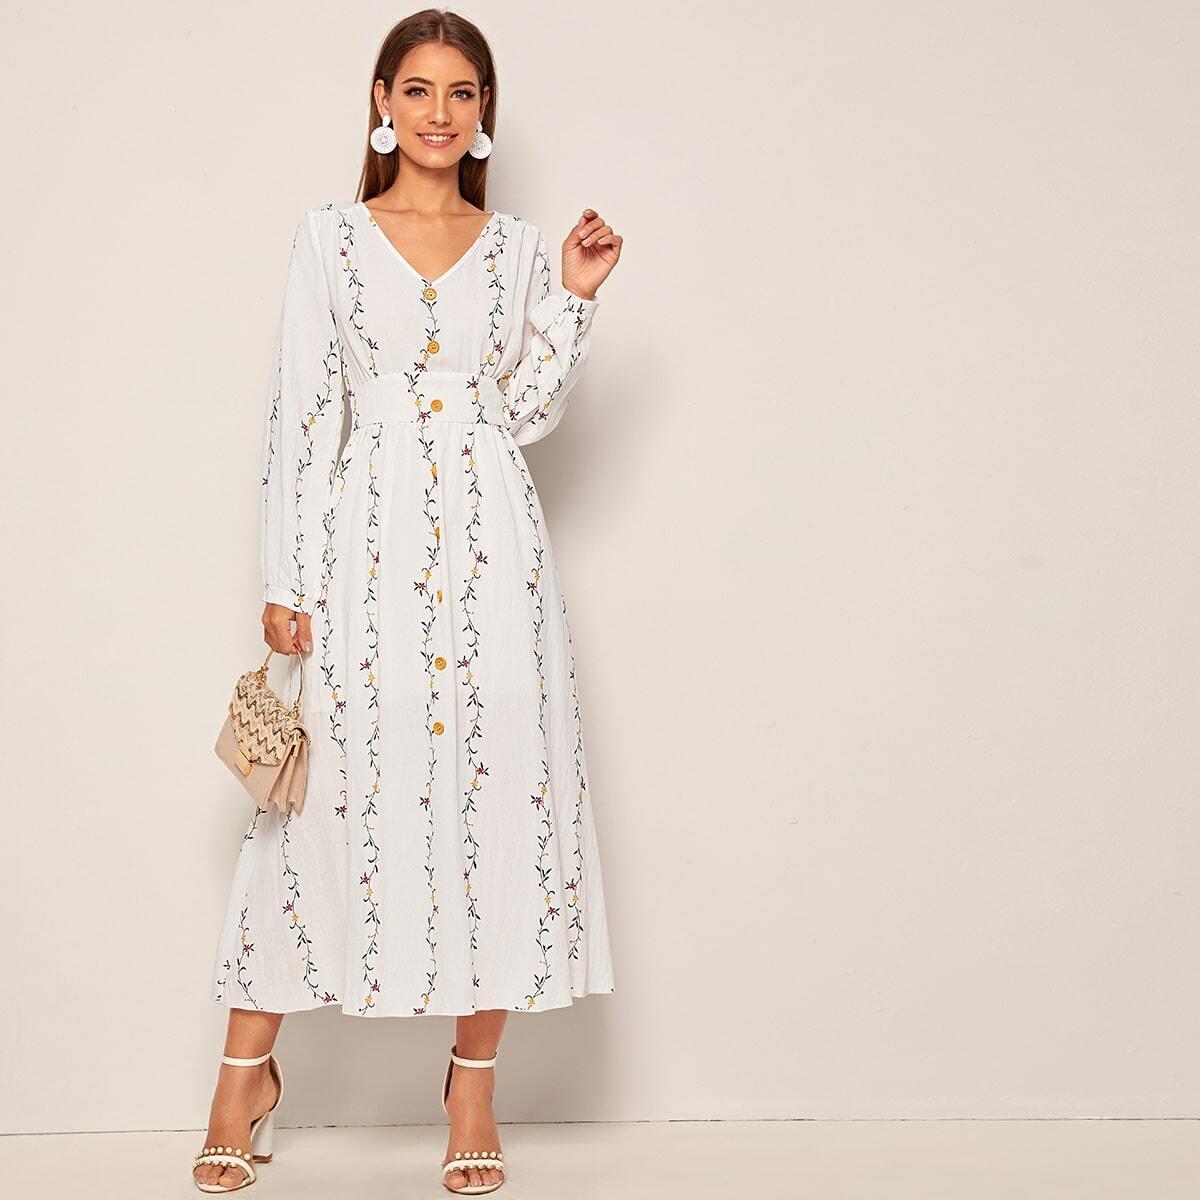 Расклешенное платье с пуговицами и графическим принтом